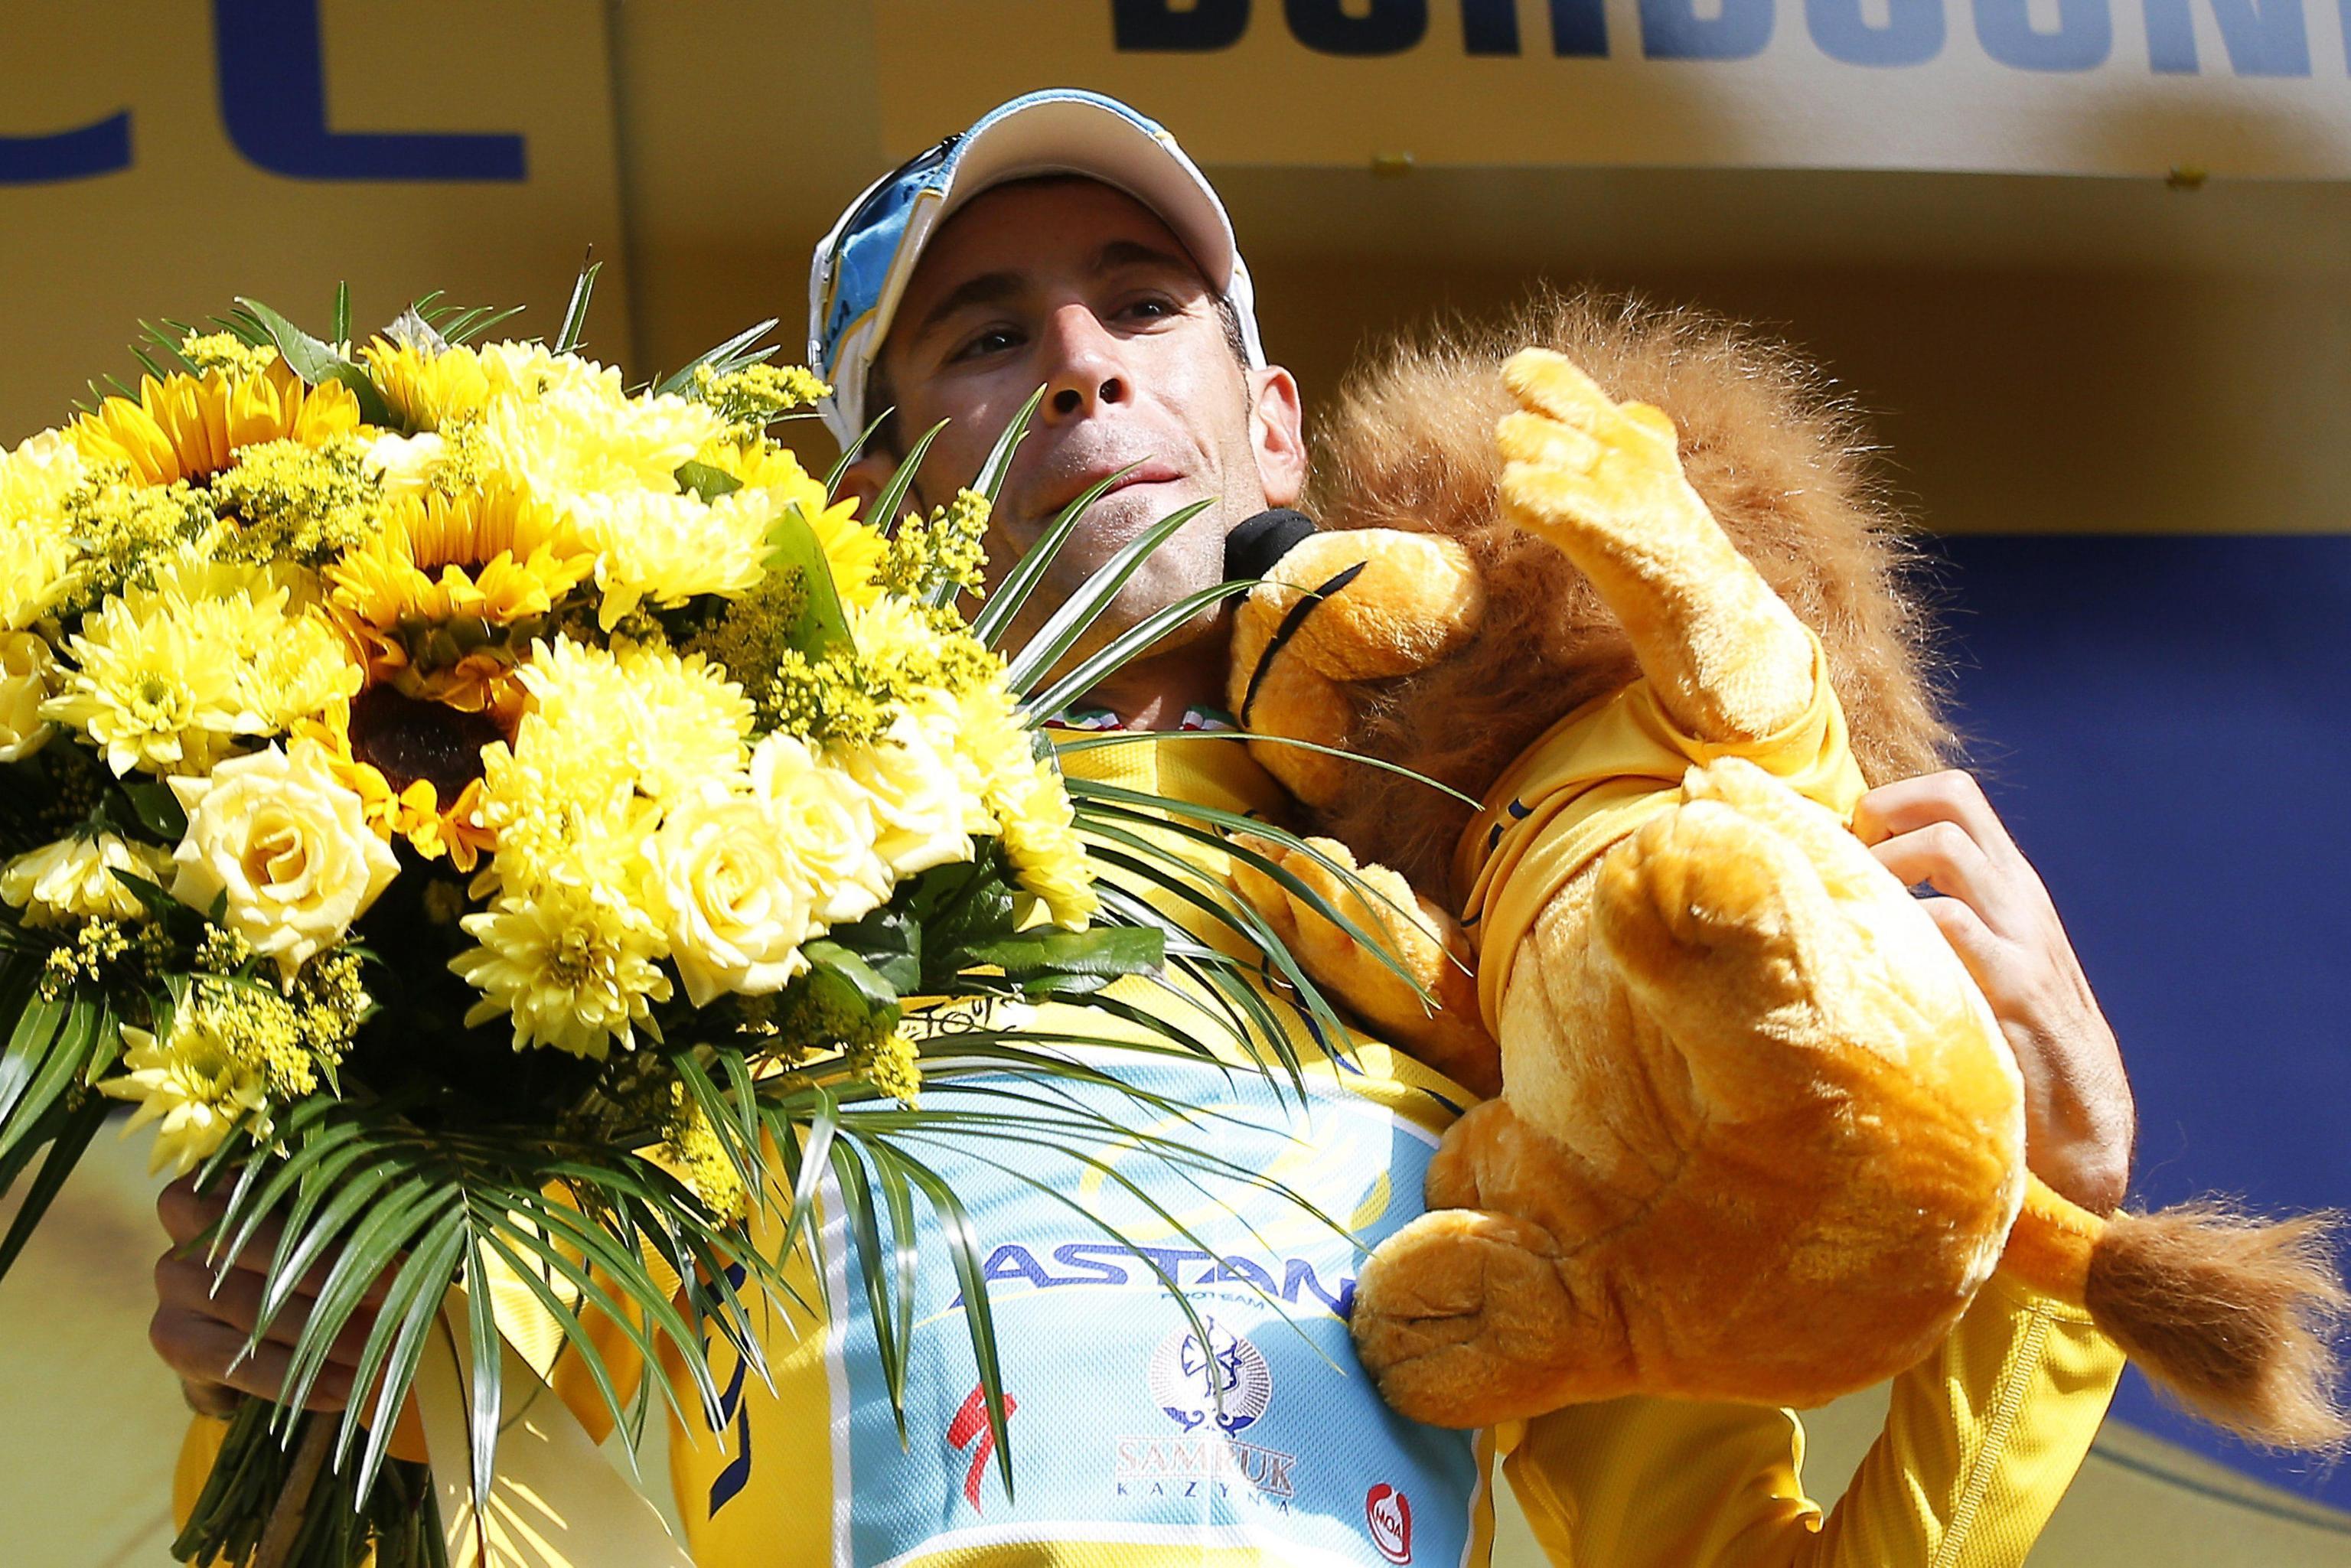 Vincenzo Nibali 37